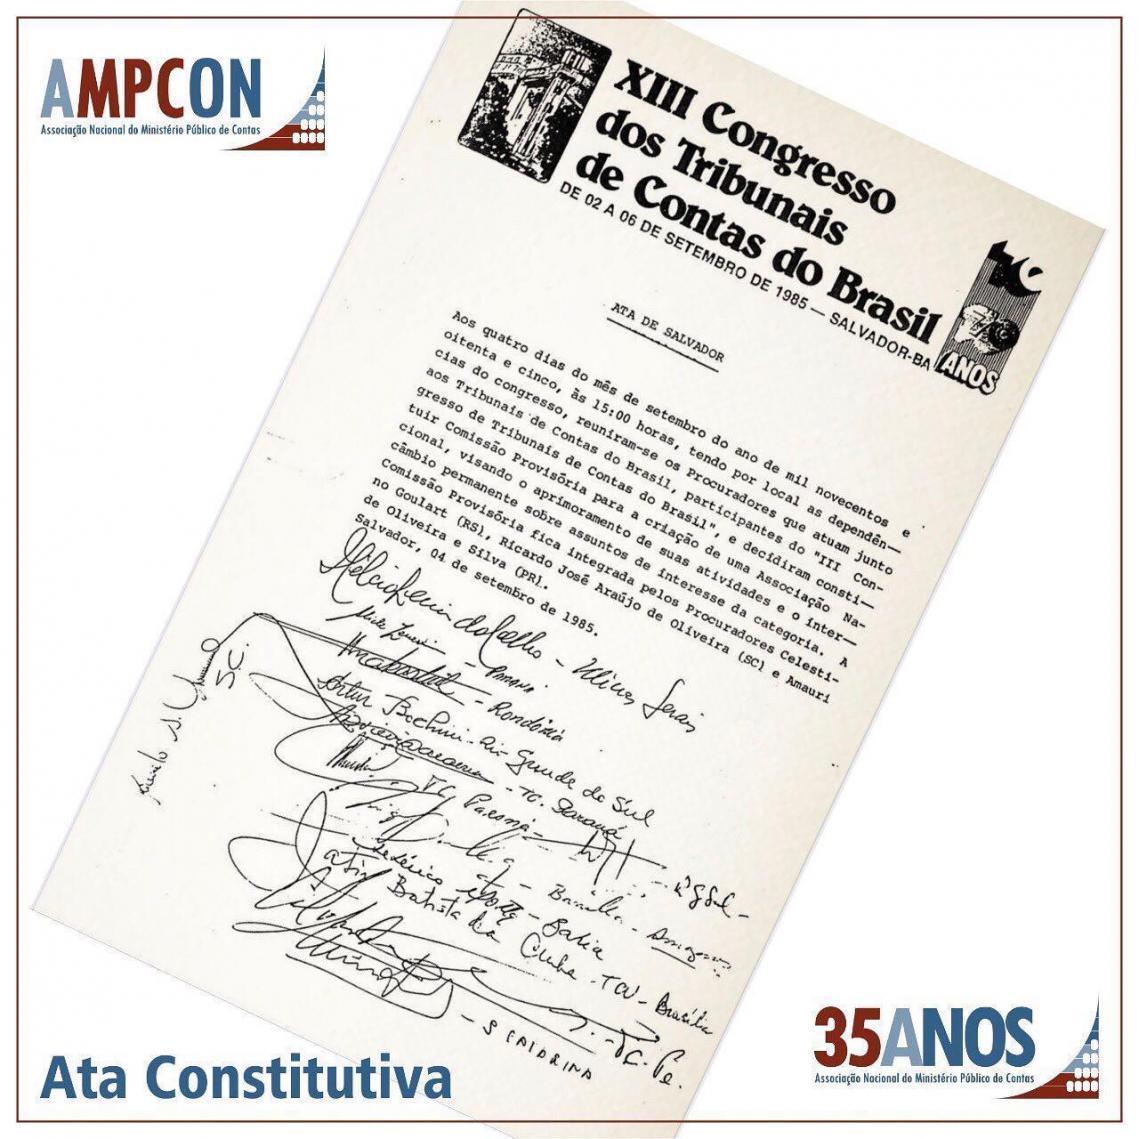 Associação do Ministério Público de Contas completa 35 anos de história